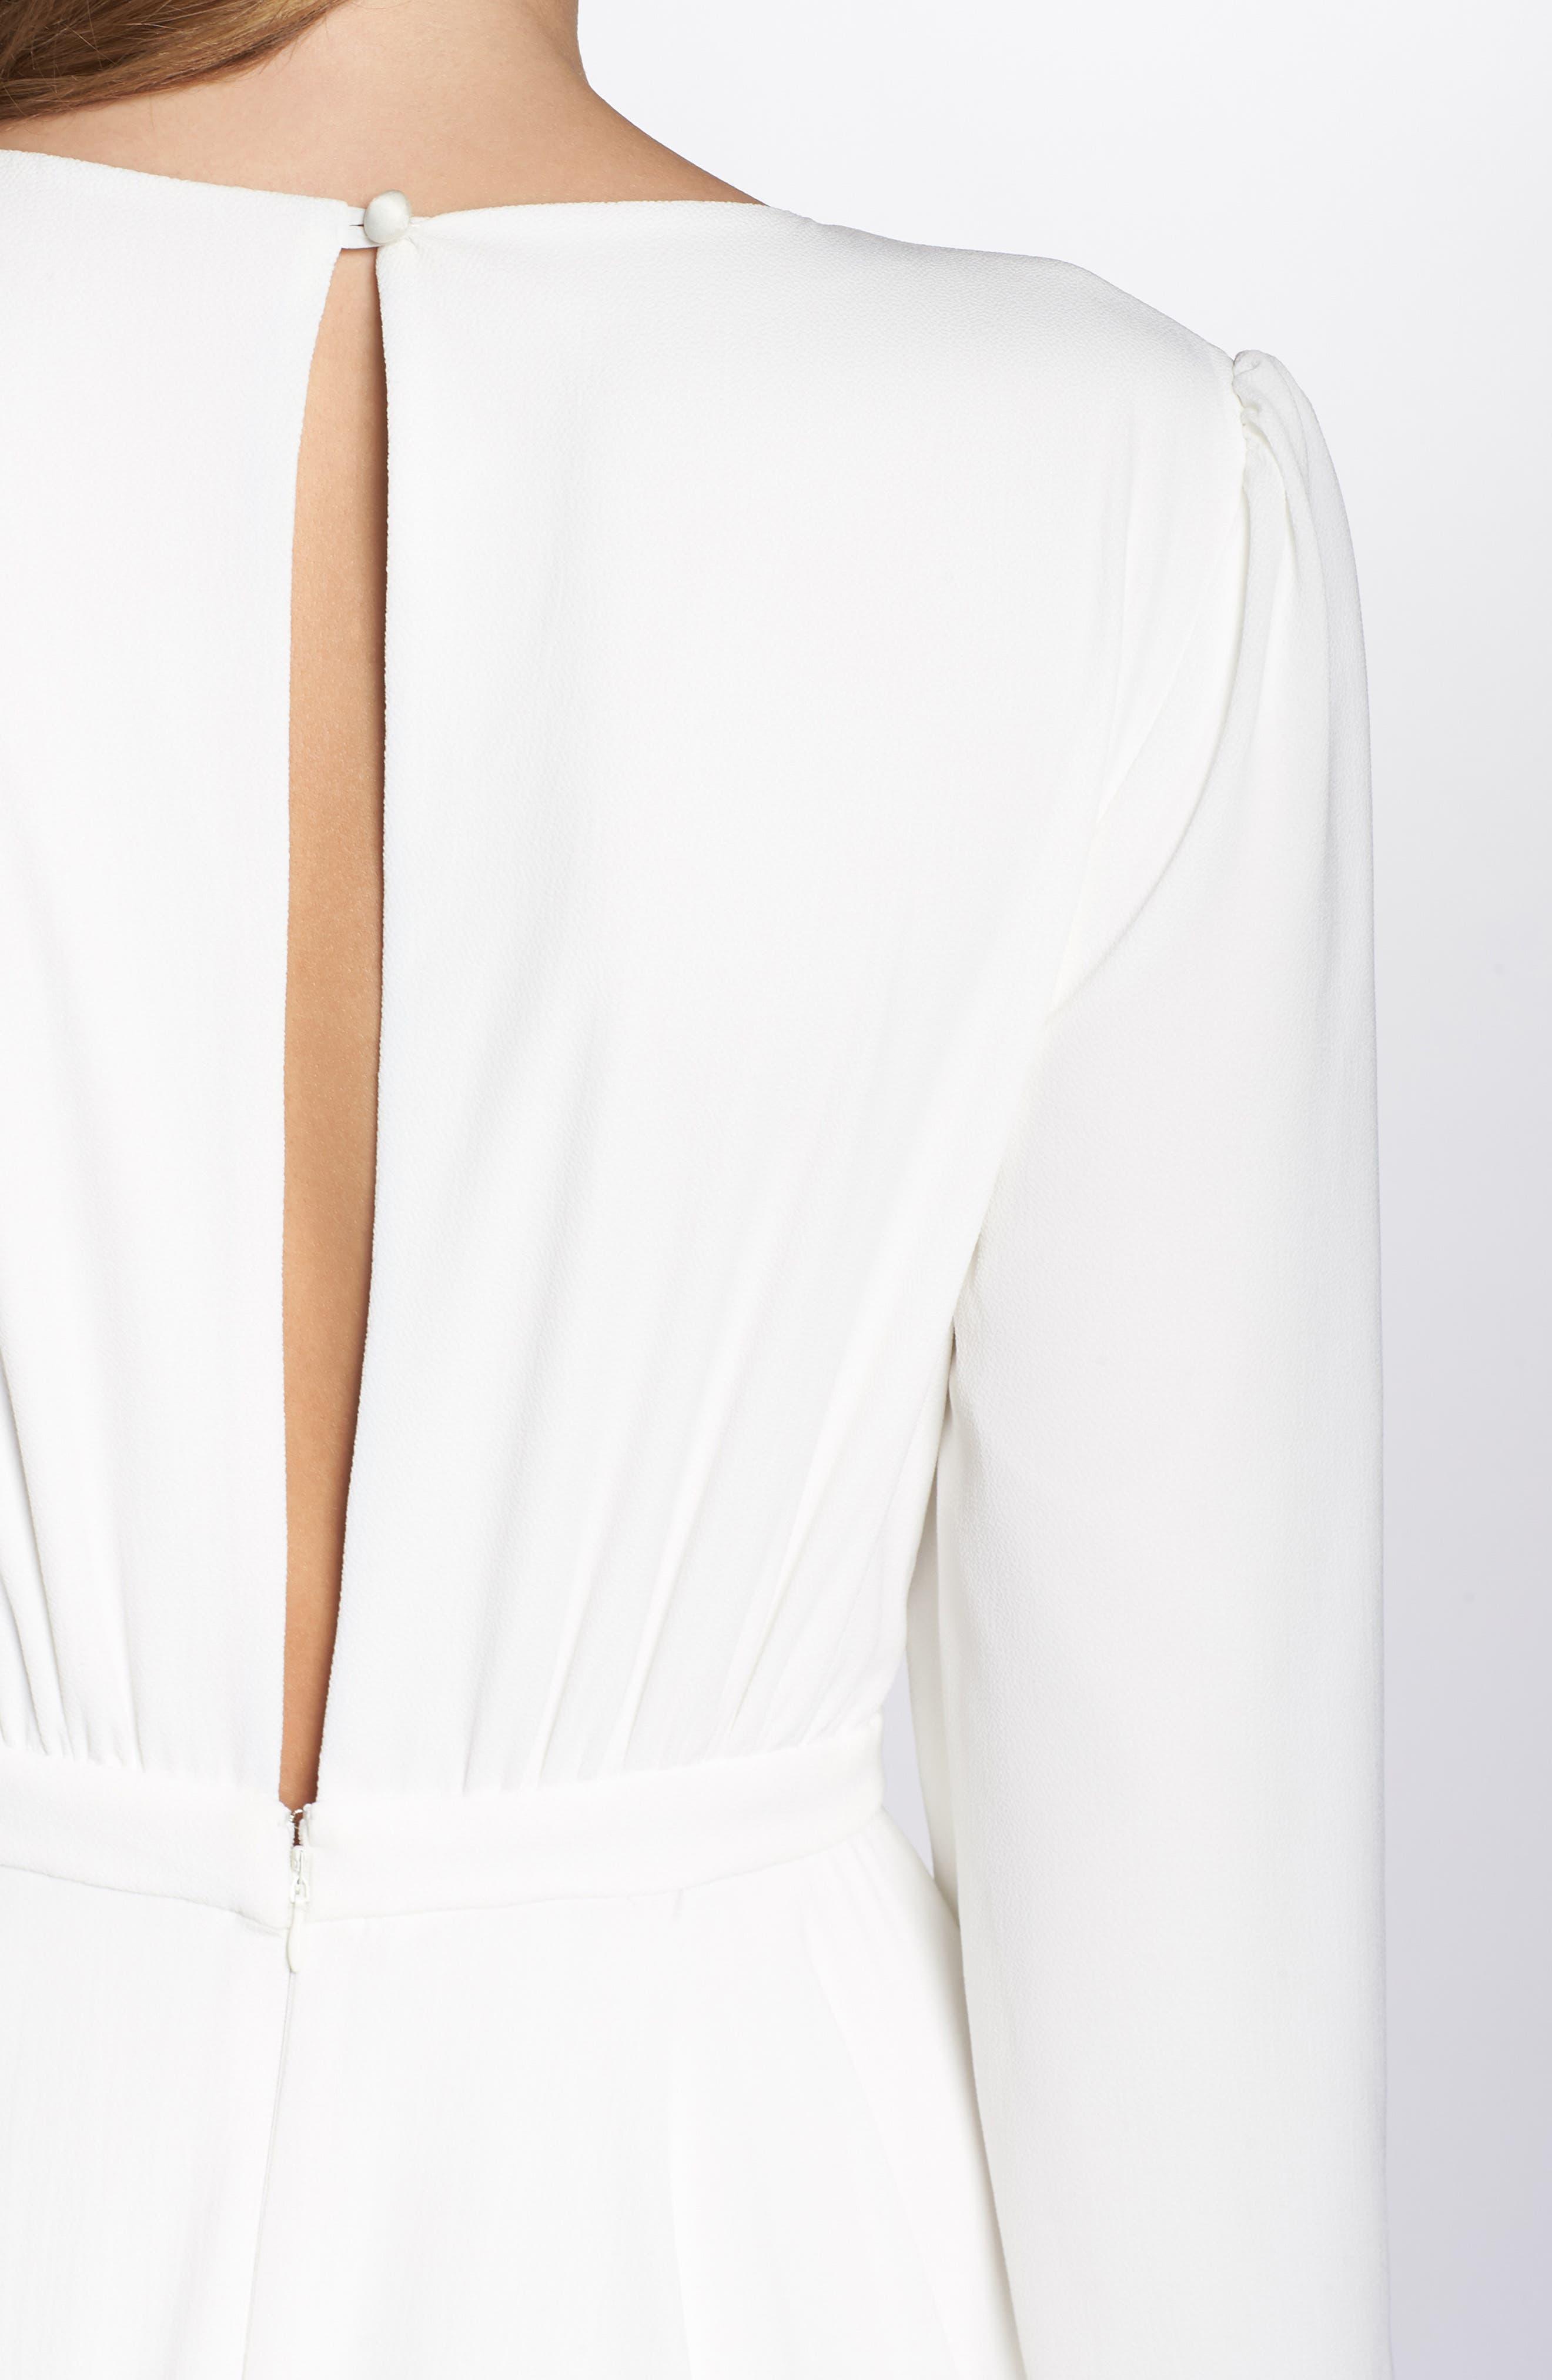 JOANNA AUGUST, Floyd V-Neck Long Sleeve Gown, Alternate thumbnail 4, color, WHITE